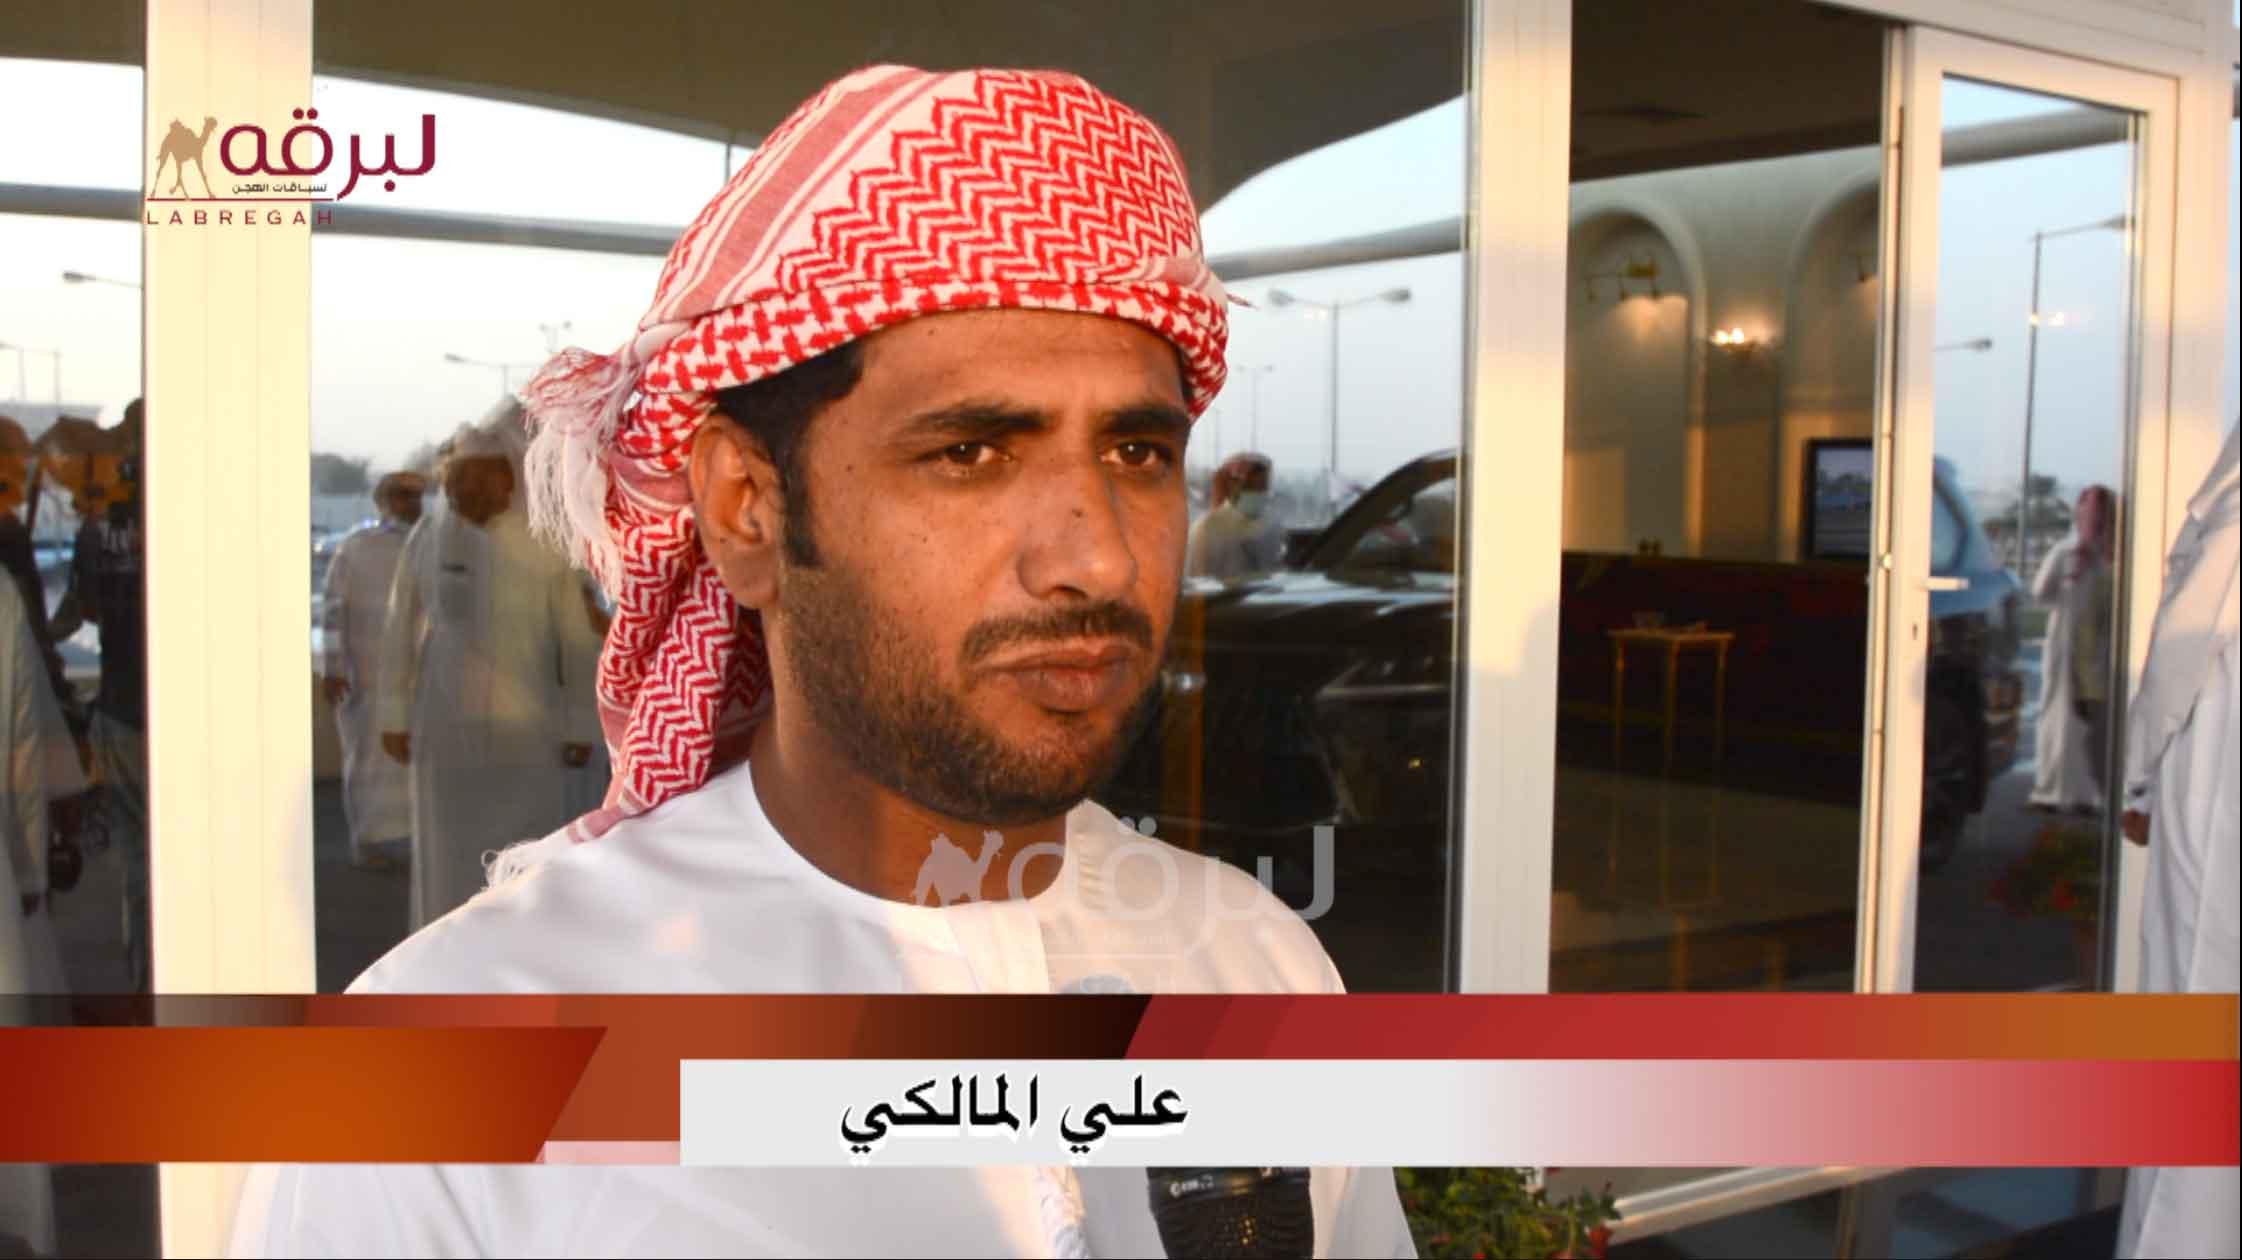 لقاء مع علي المالكي.. الشلفة الفضية للحيل إنتاج أشواط عامة  ٩-١٢-٢٠٢٠